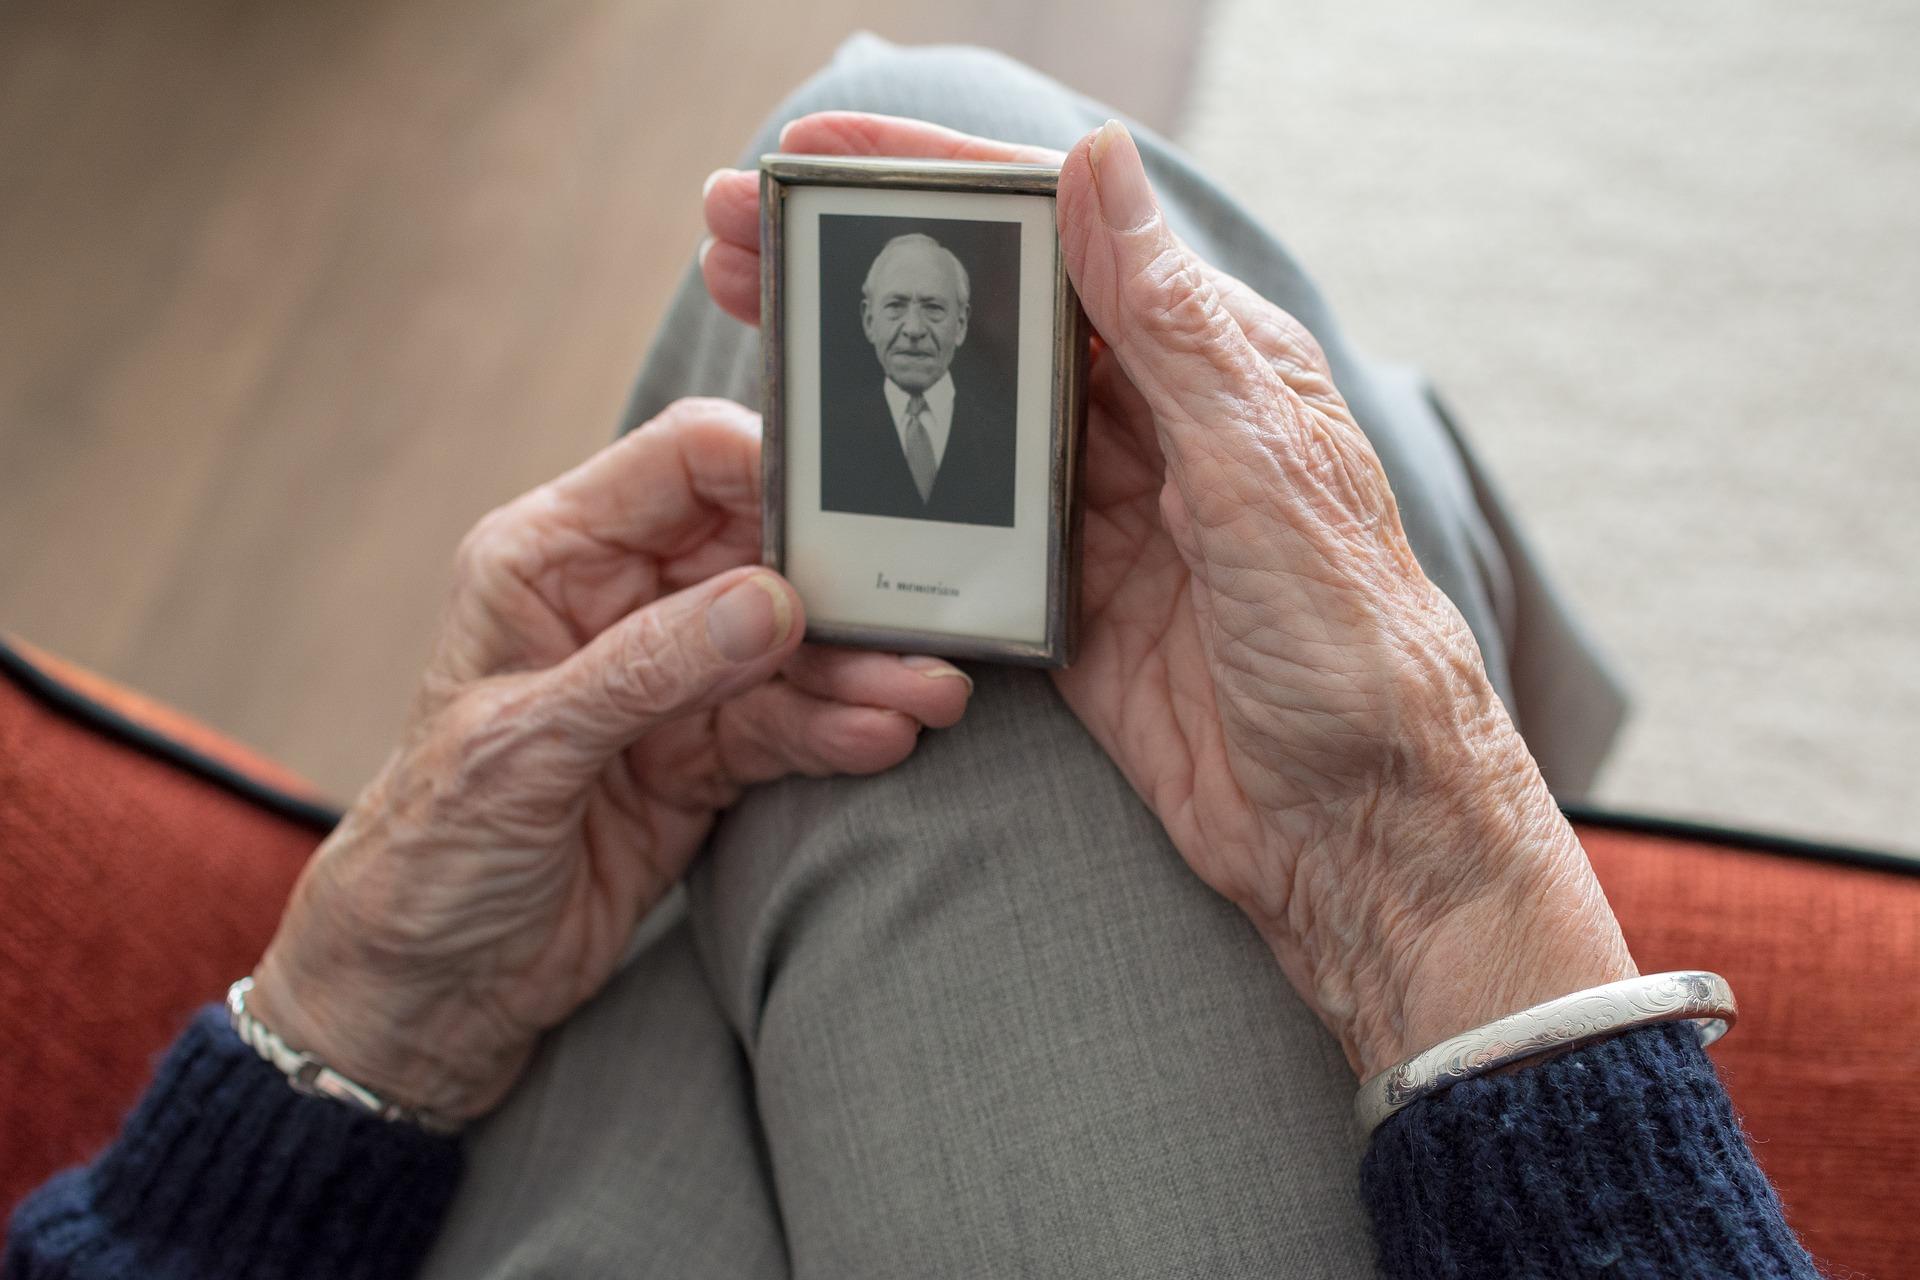 Les personnes âgées sont particulièrement touchées par les formes graves du covid-19. Image par Sabine van Erp de Pixabay